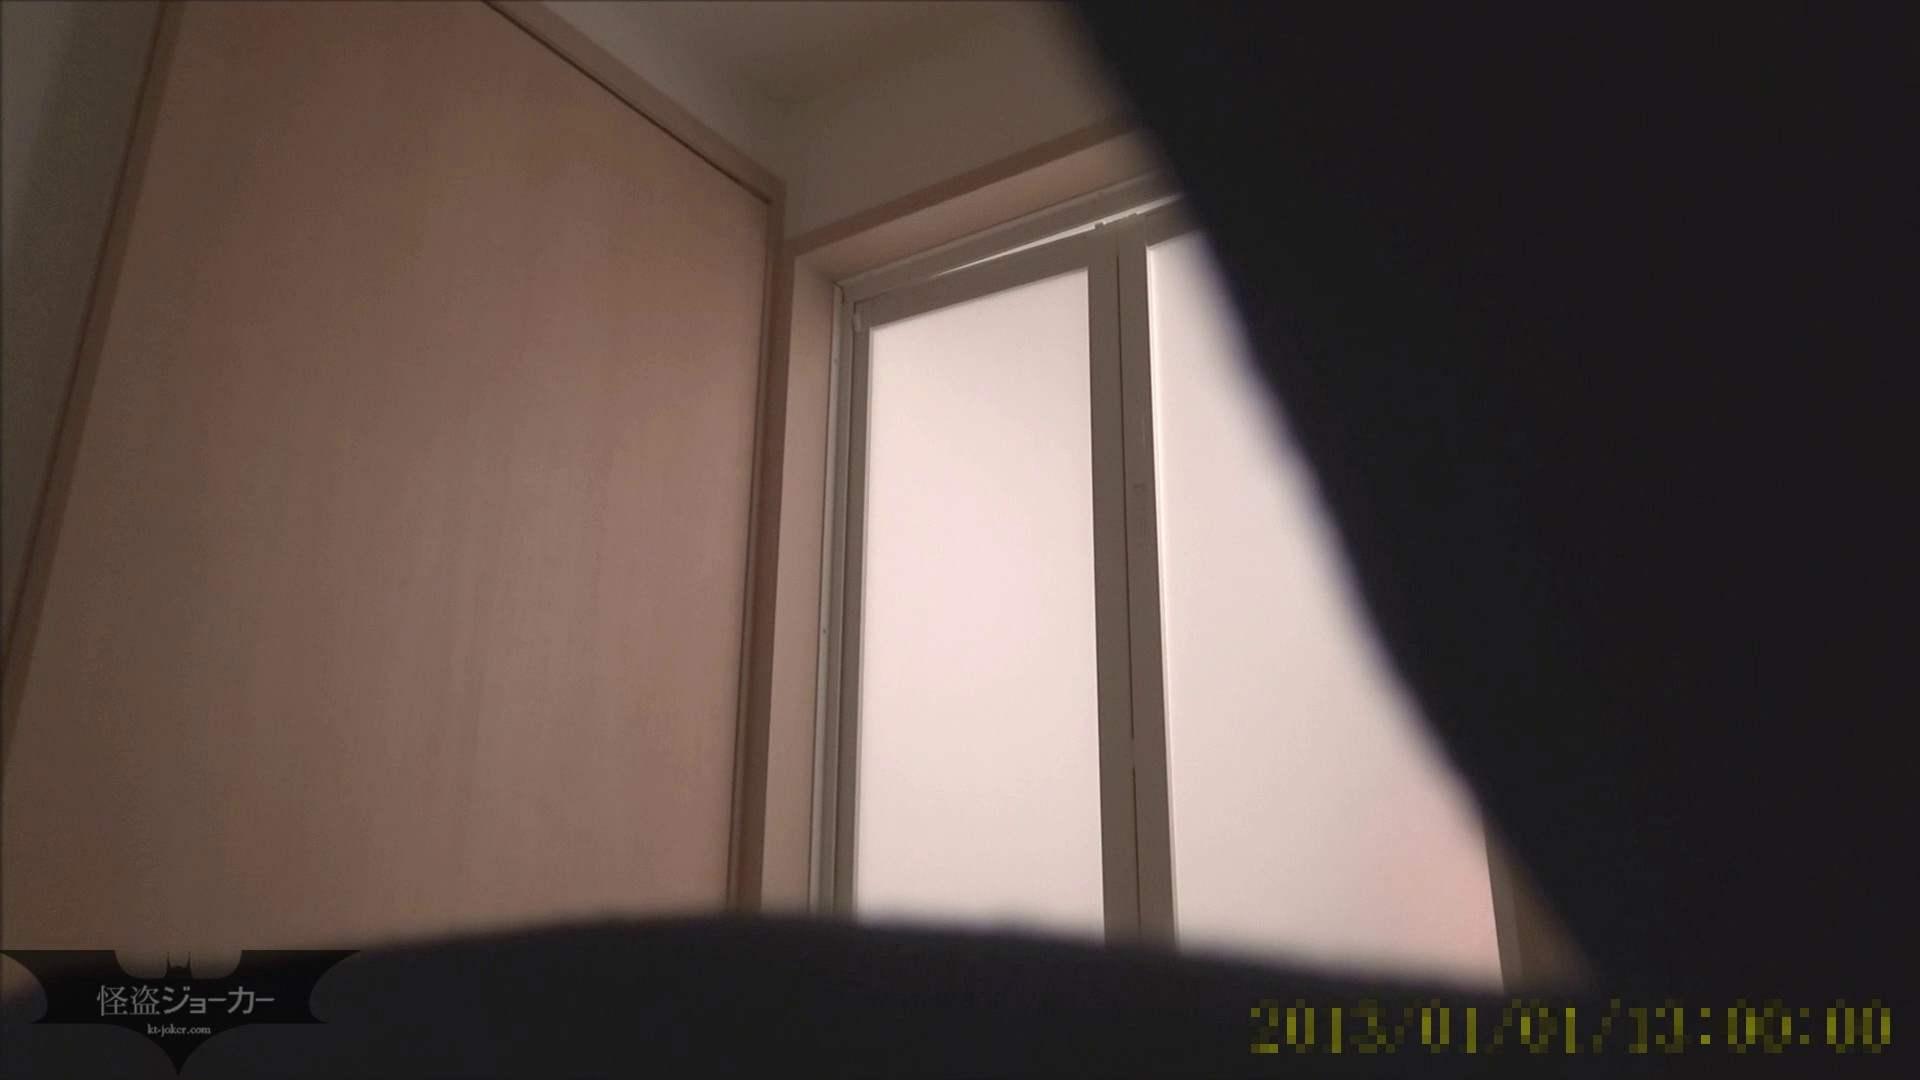 【未公開】vol.103  {黒髪→茶髪ボブに変身}美巨乳アミちゃん④【前編】 シャワー室 AV無料動画キャプチャ 92画像 56